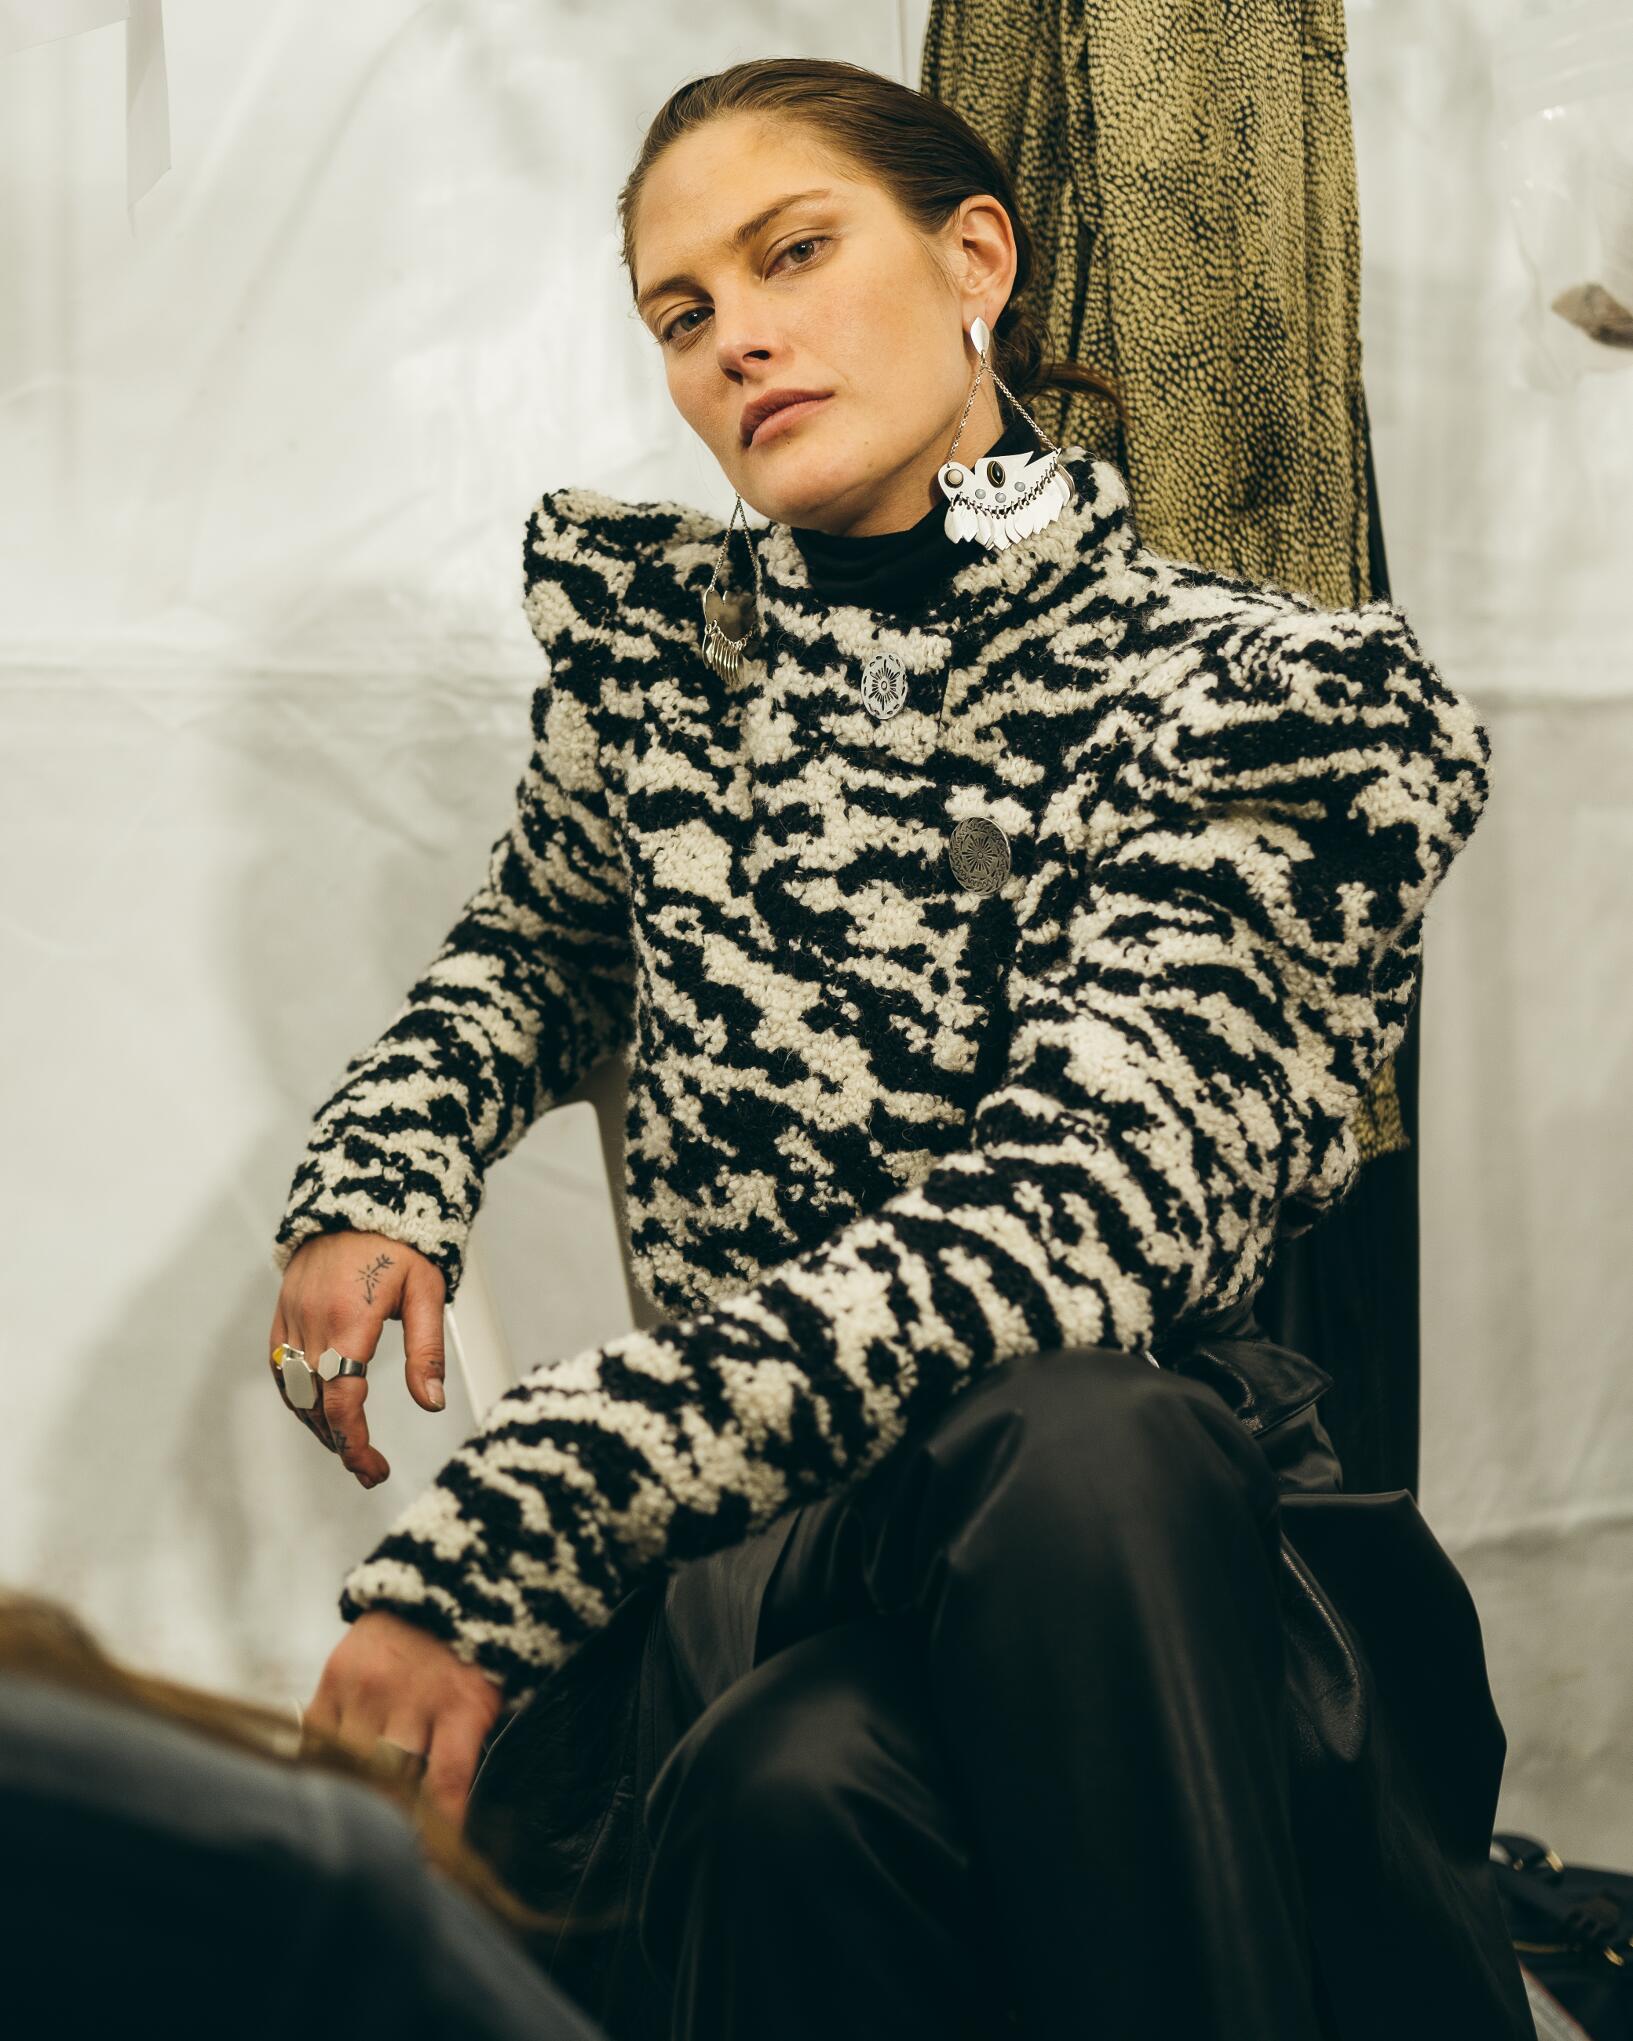 Model 2019-20 Backstage Isabel Marant